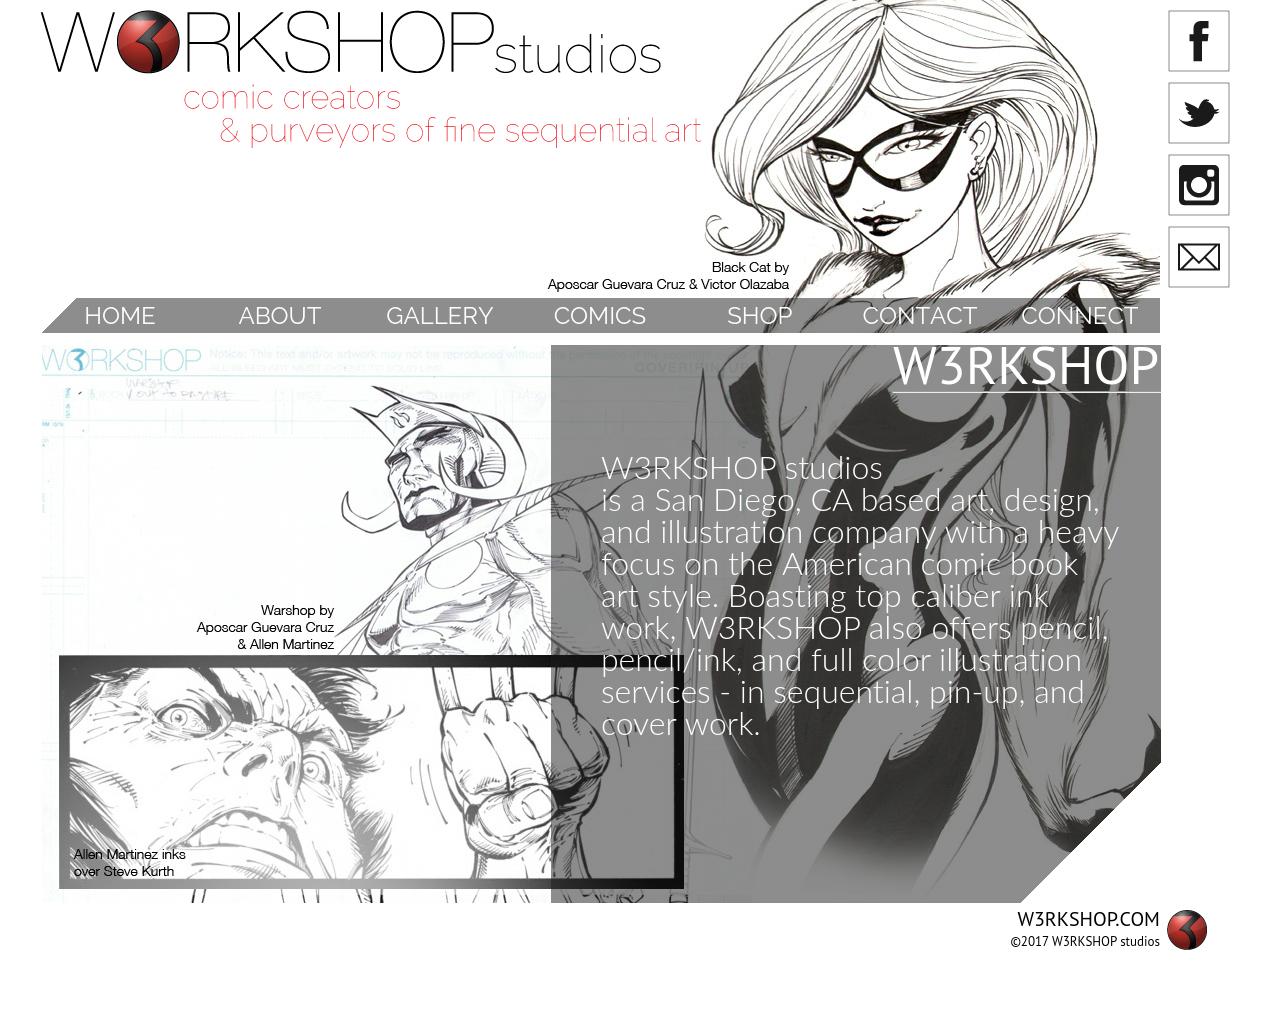 W3RKSHOP-Advertising-Reviews-Pricing